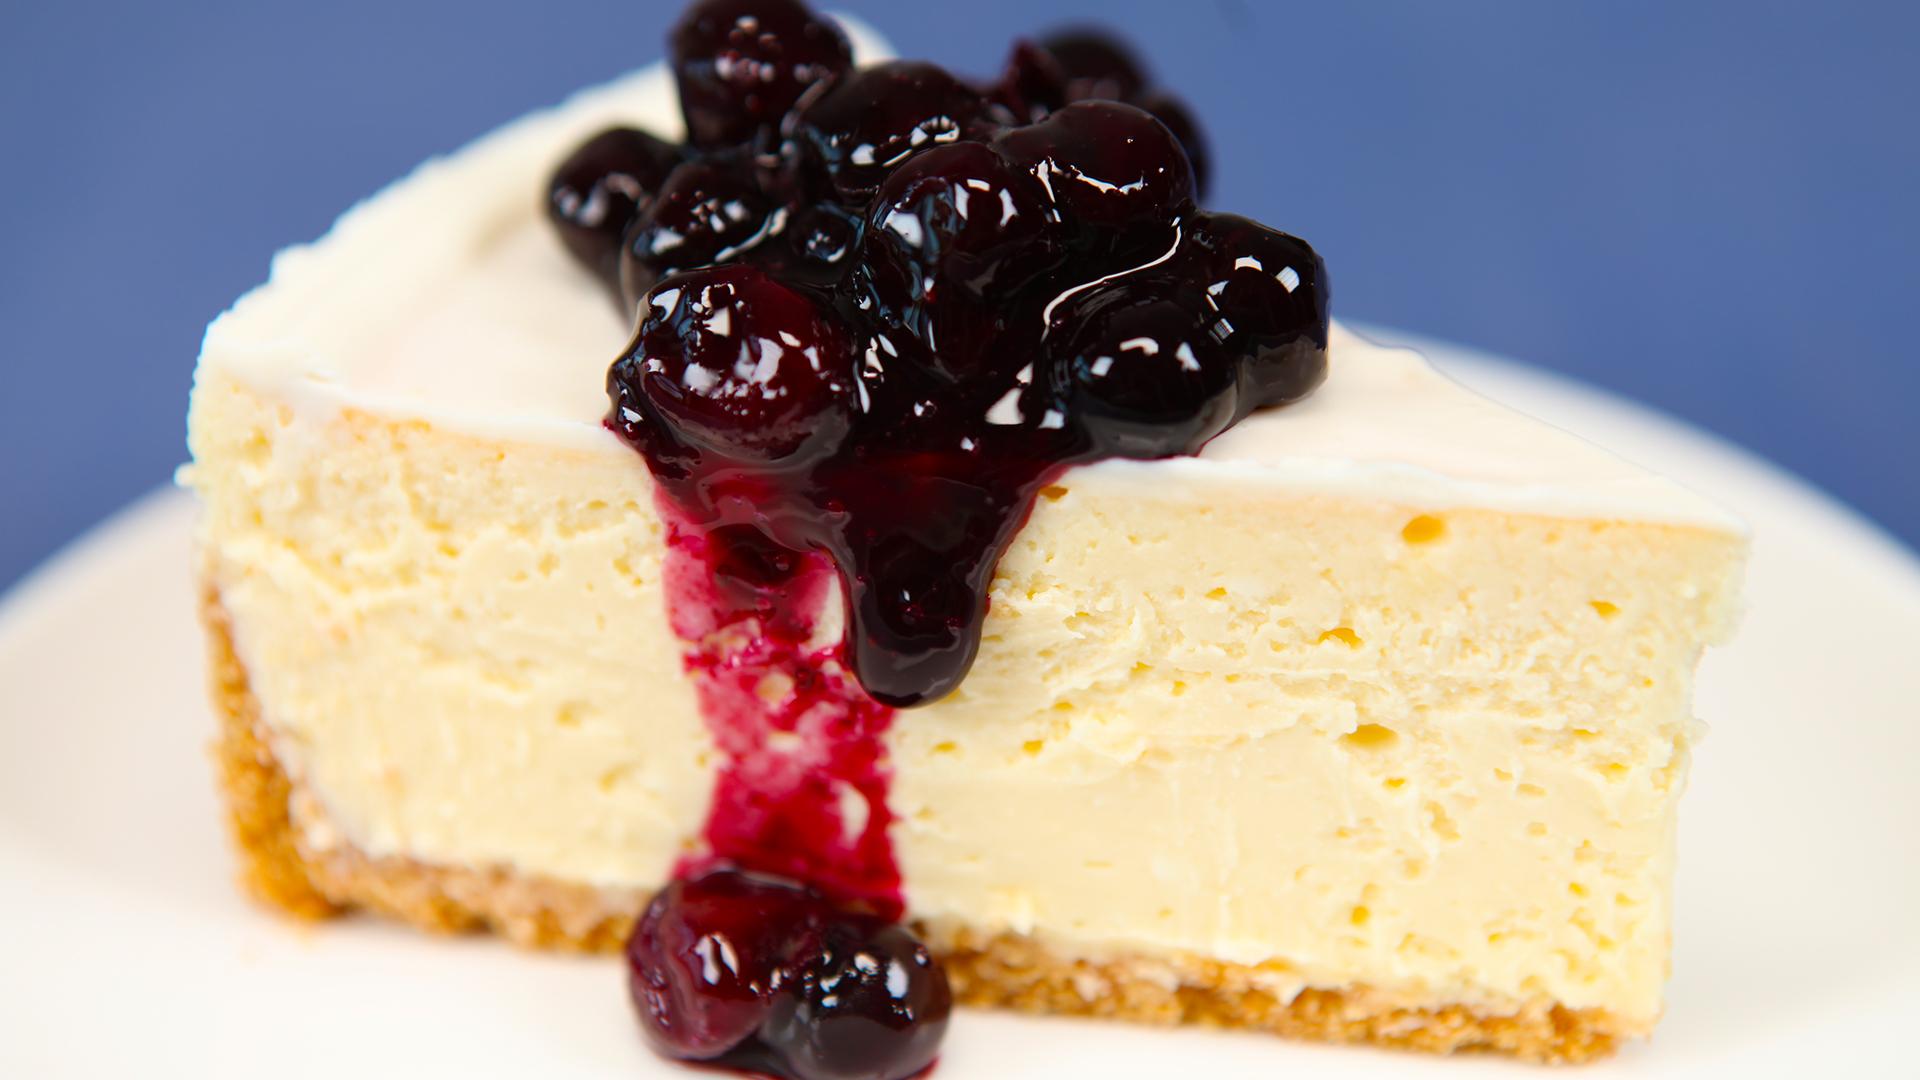 The Cheesecake Factory Original Cheesecake